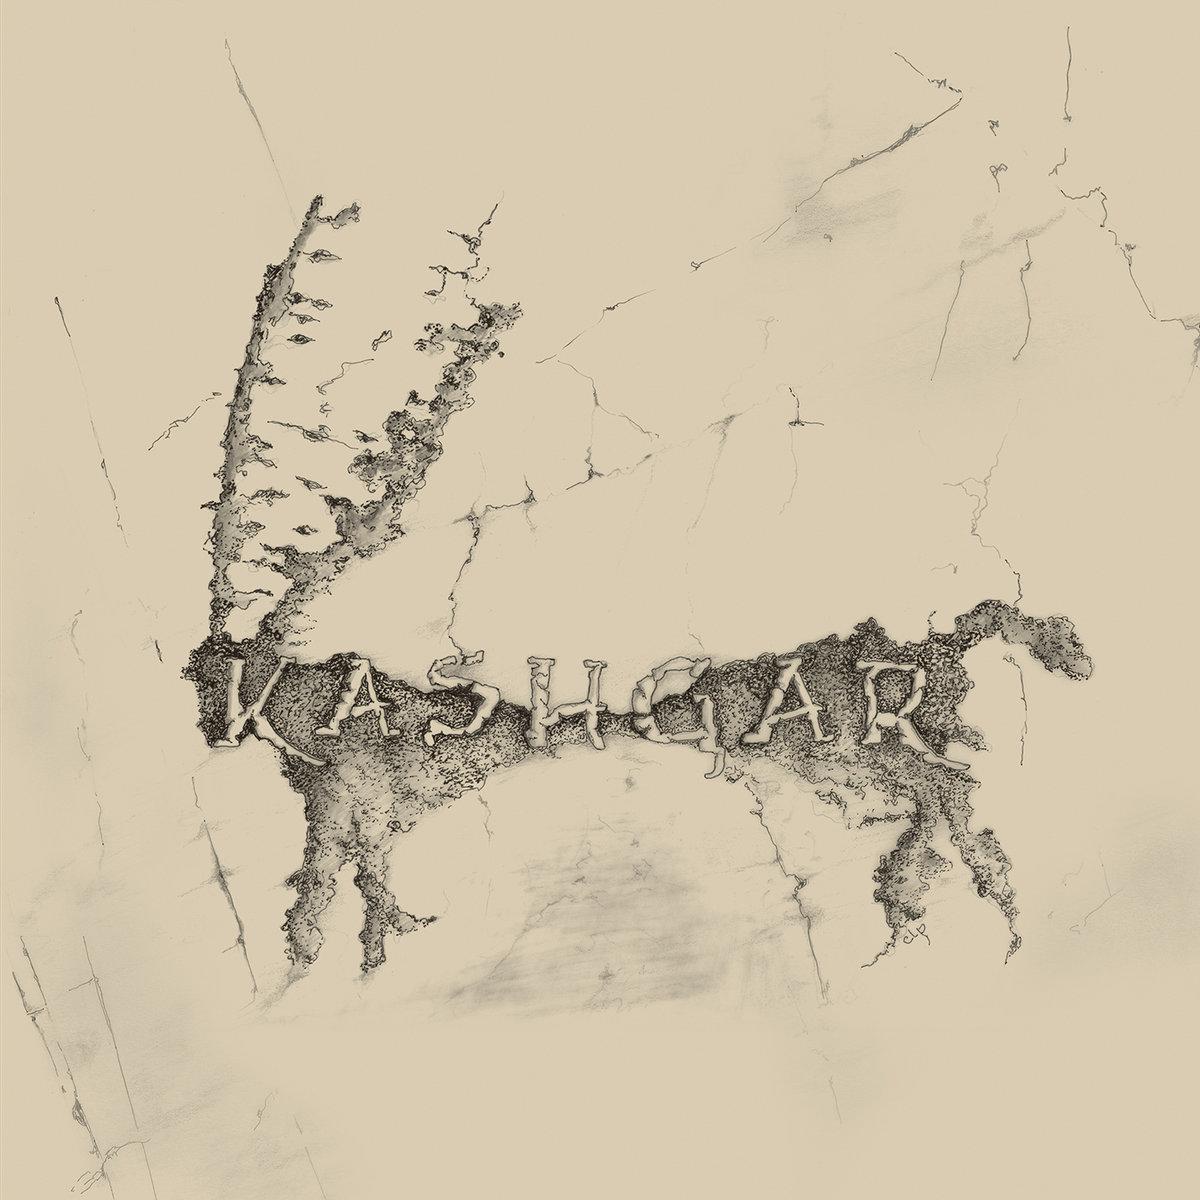 Half a devil symbol of domination prod from sodp098 kashgar kashgar re release 2017 by symbol of domination prod buycottarizona